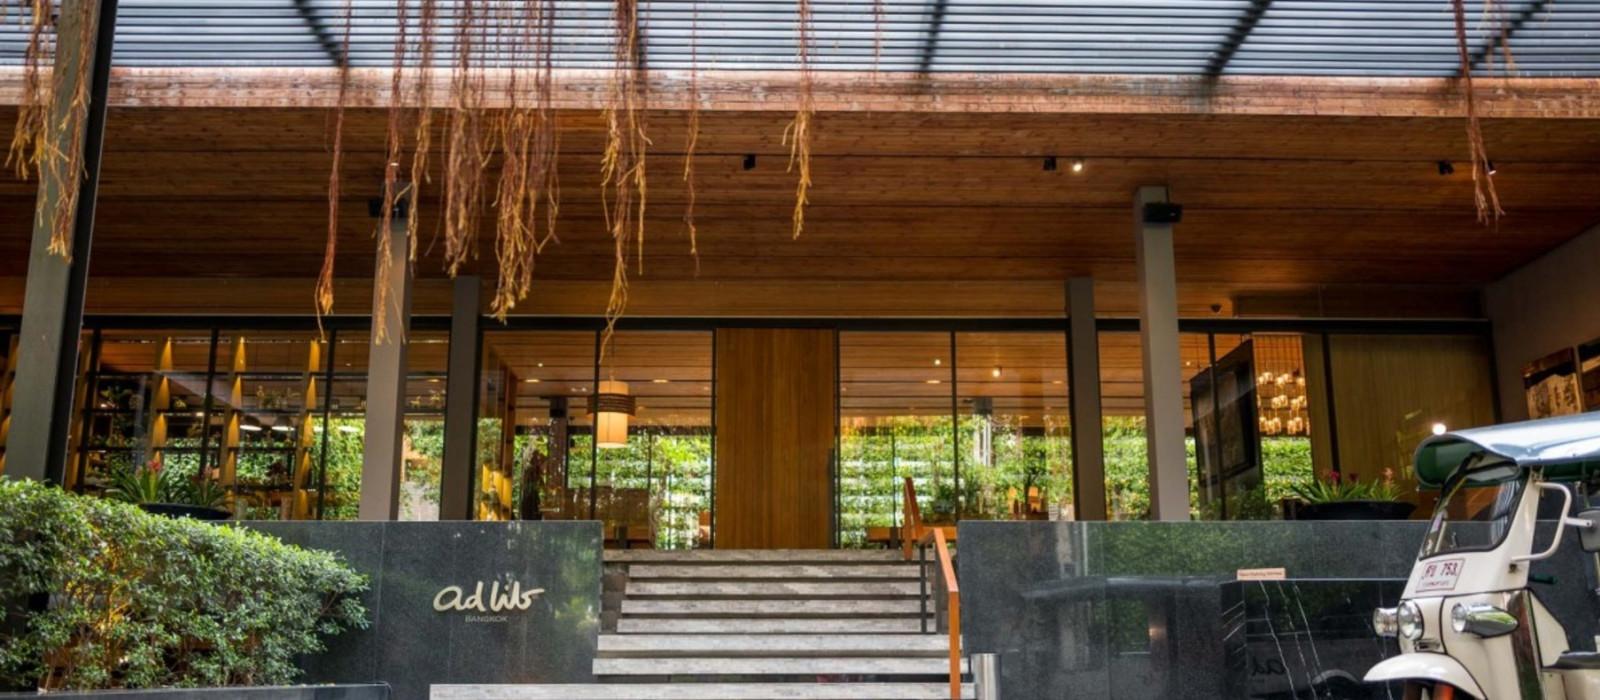 Hotel Ad Lib Bangkok  Thailand